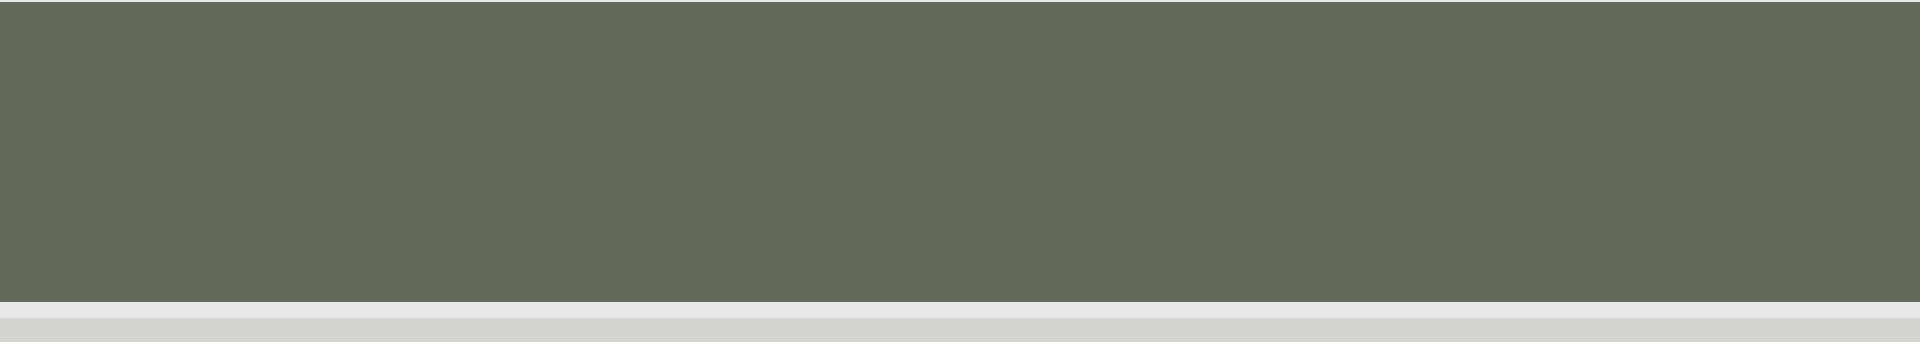 老银庄银饰加盟-全信加盟网